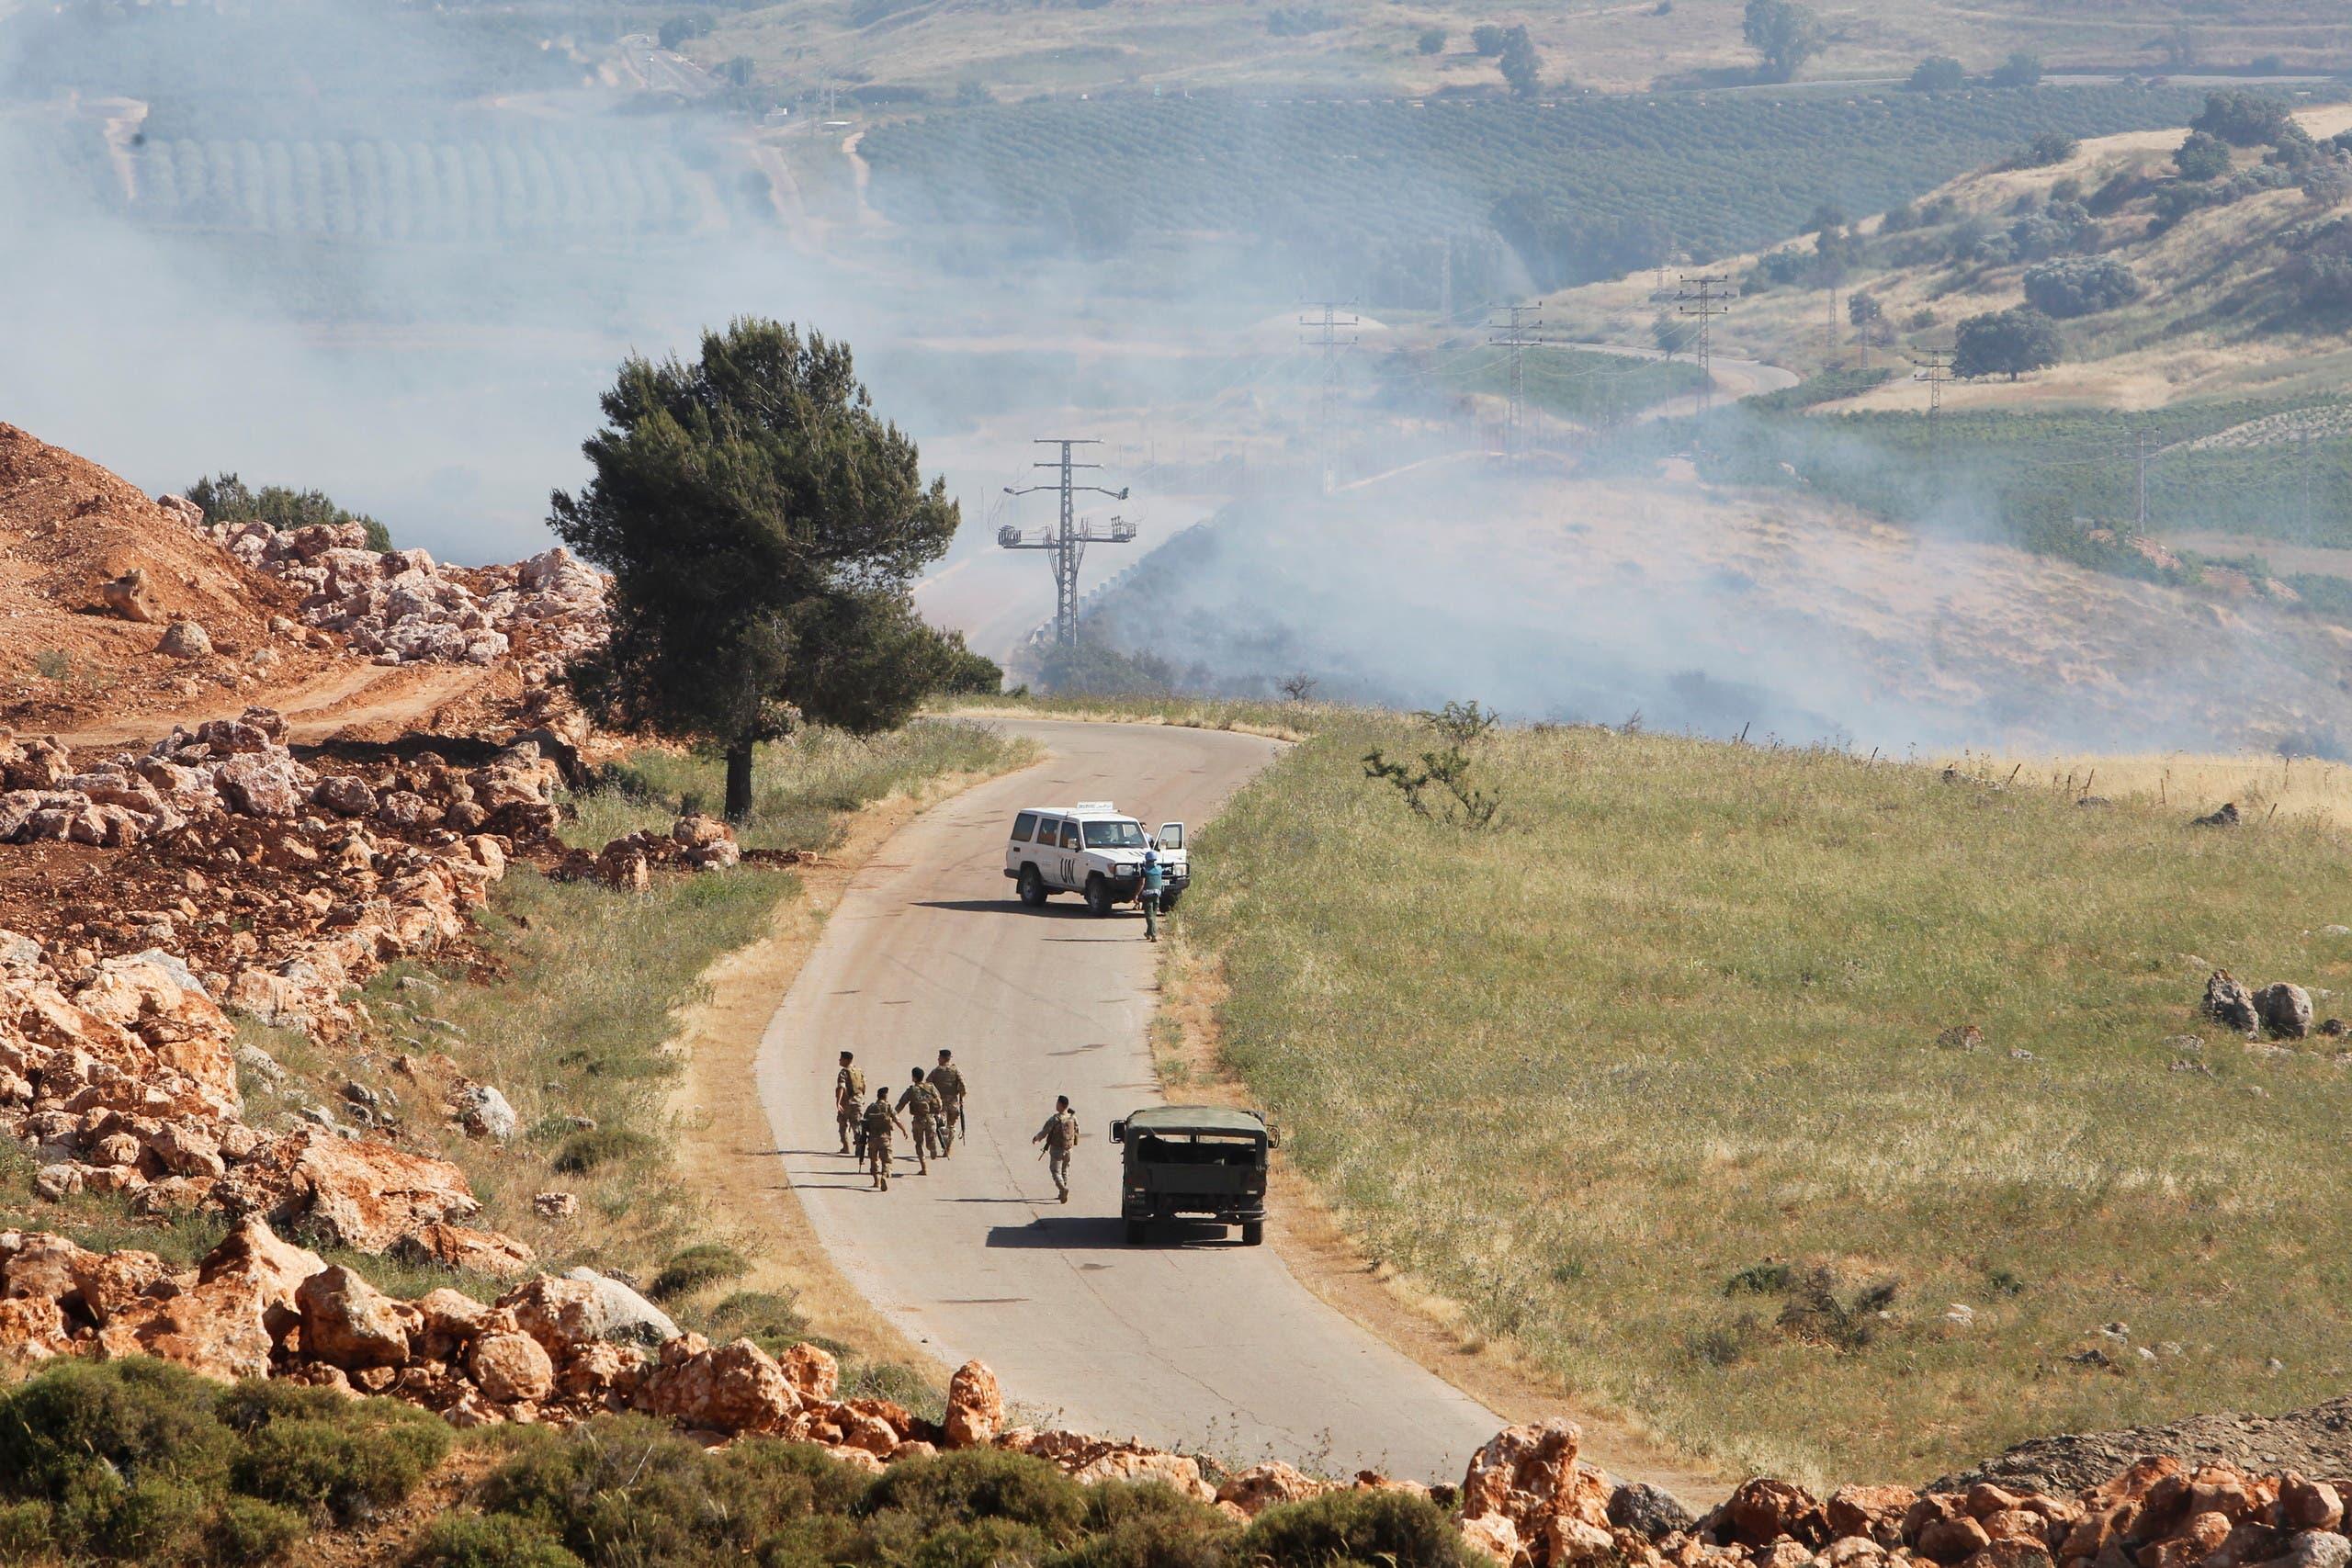 جنود لبنانيون يسيرون مع تصاعد الدخان في قرية الخيام جنوباً بالقرب من الحدود مع إسرائيل الجمعة (رويترز)